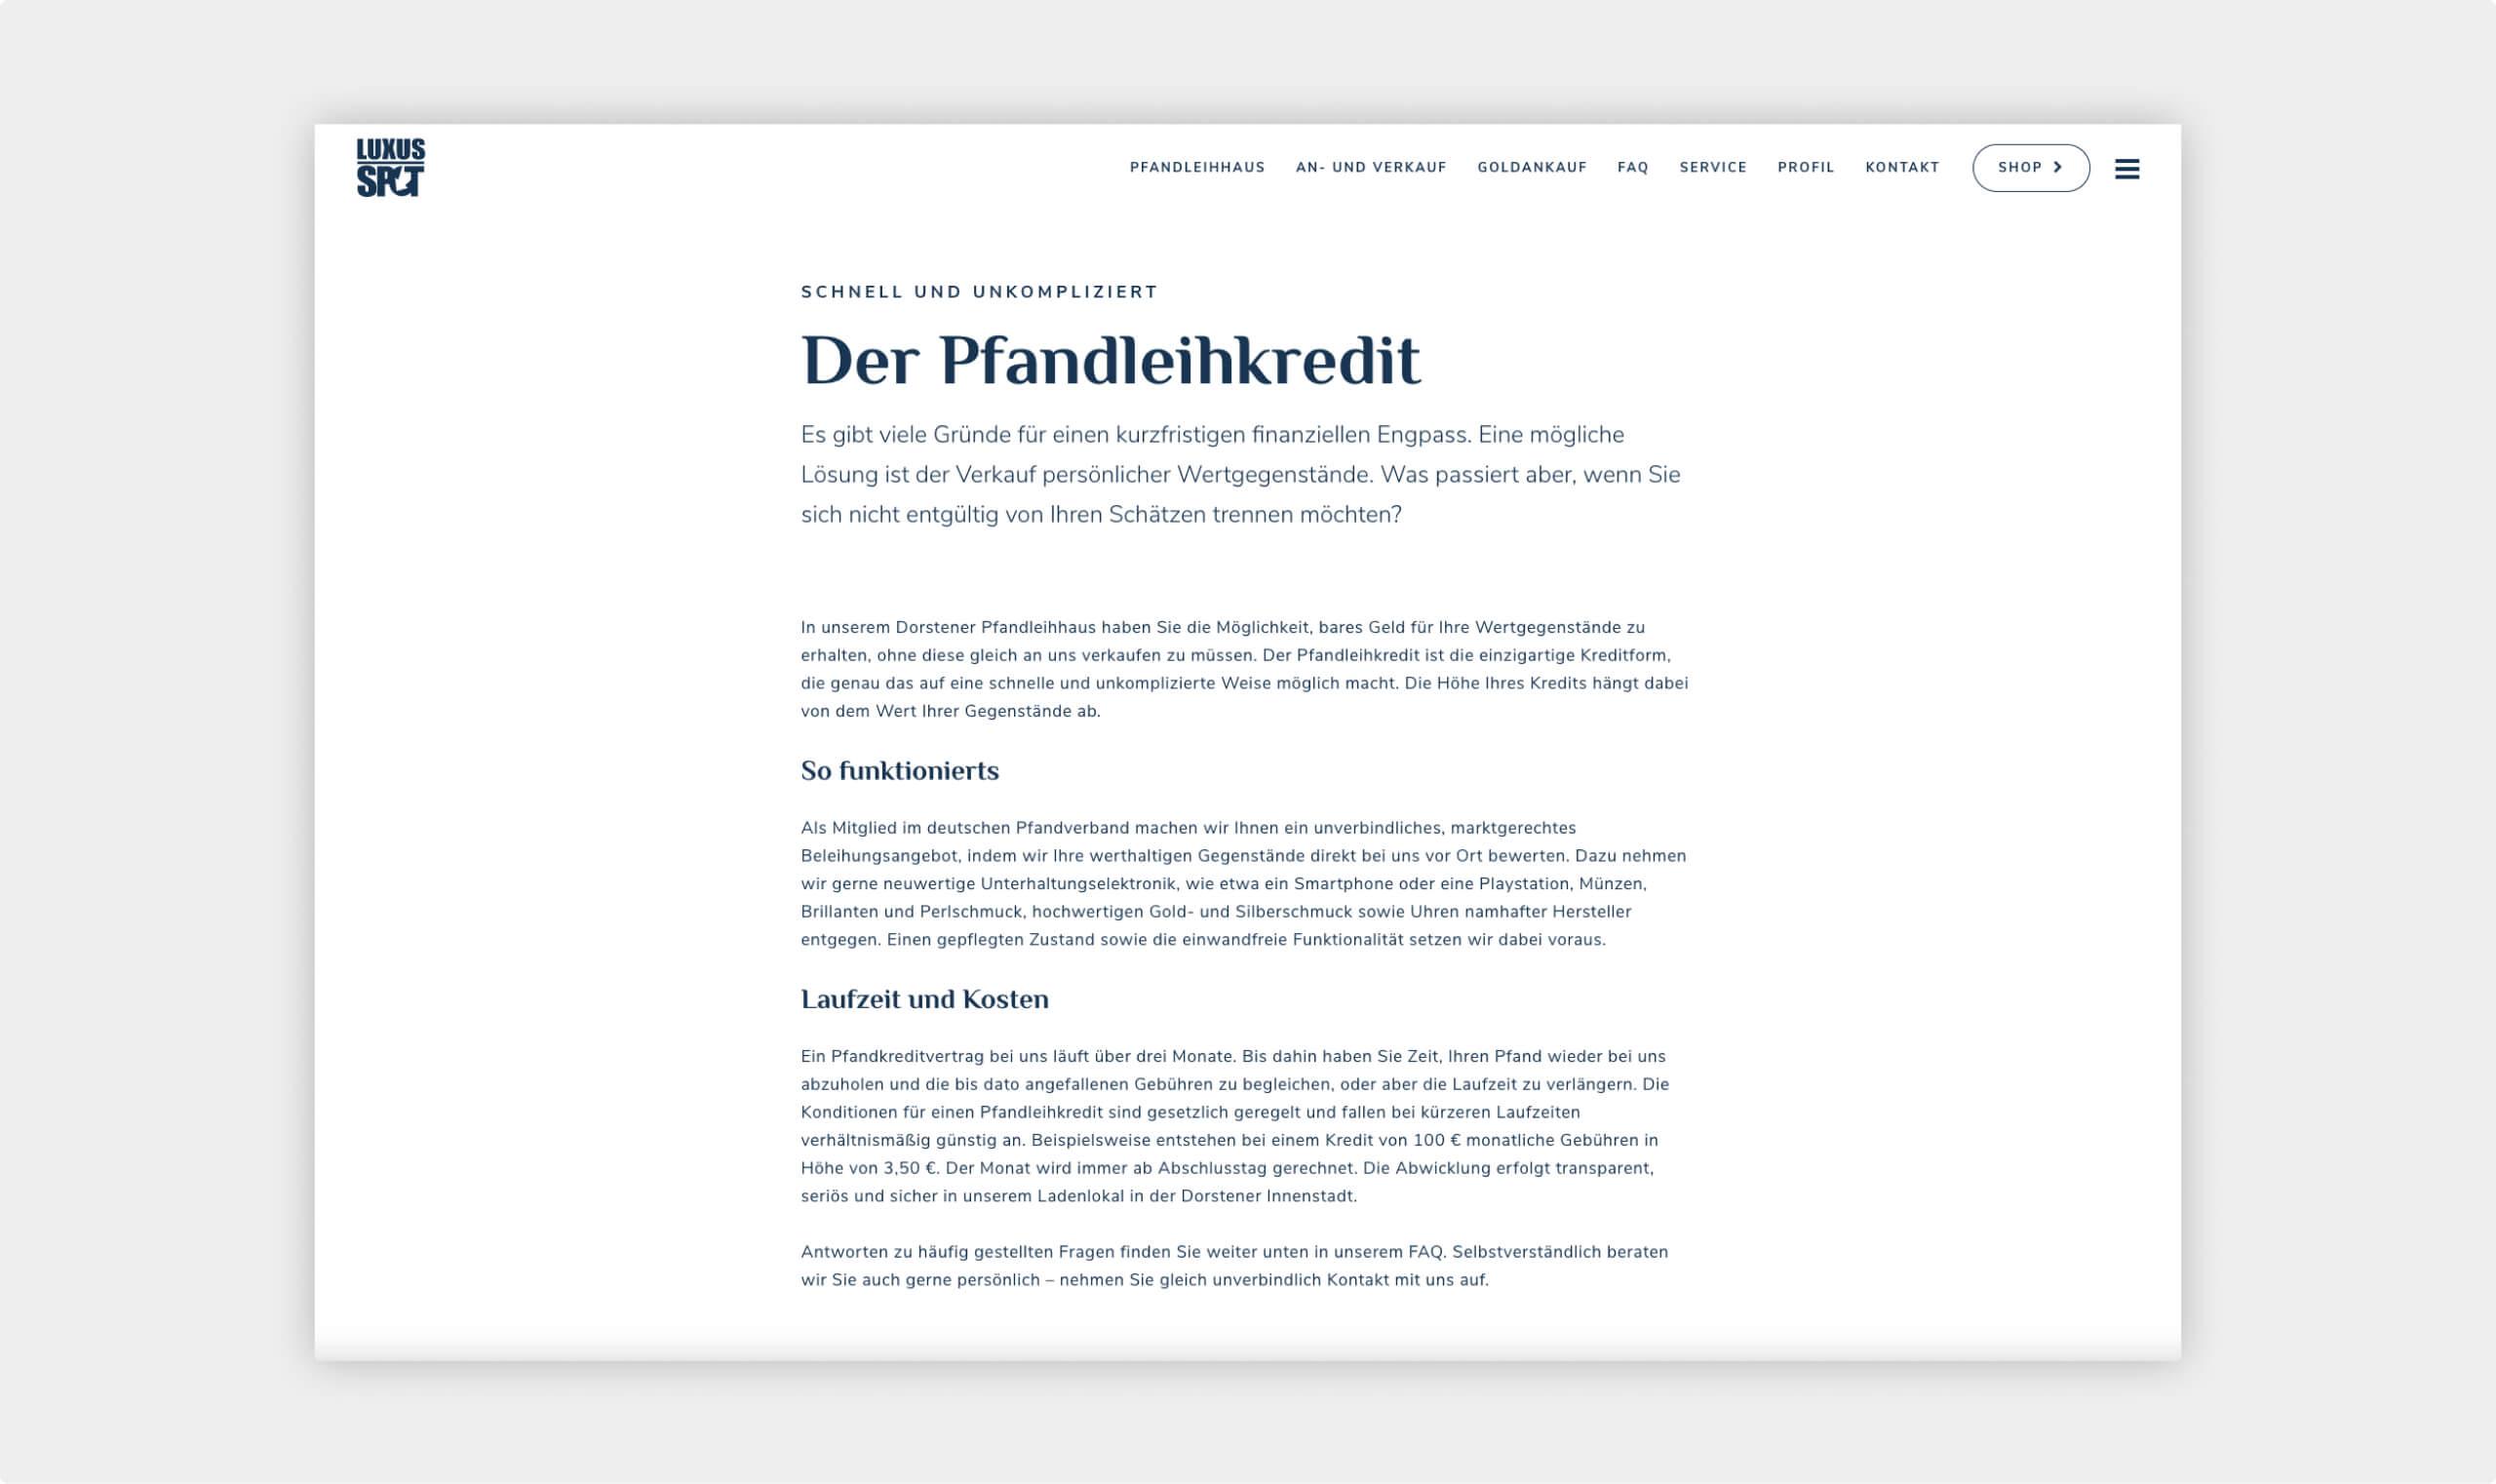 Screenshot von der Website aus dem Bereich des Pfandleihkredits mit Erklärung was ein Pfandleihkredit ist und wie es funktioniert.